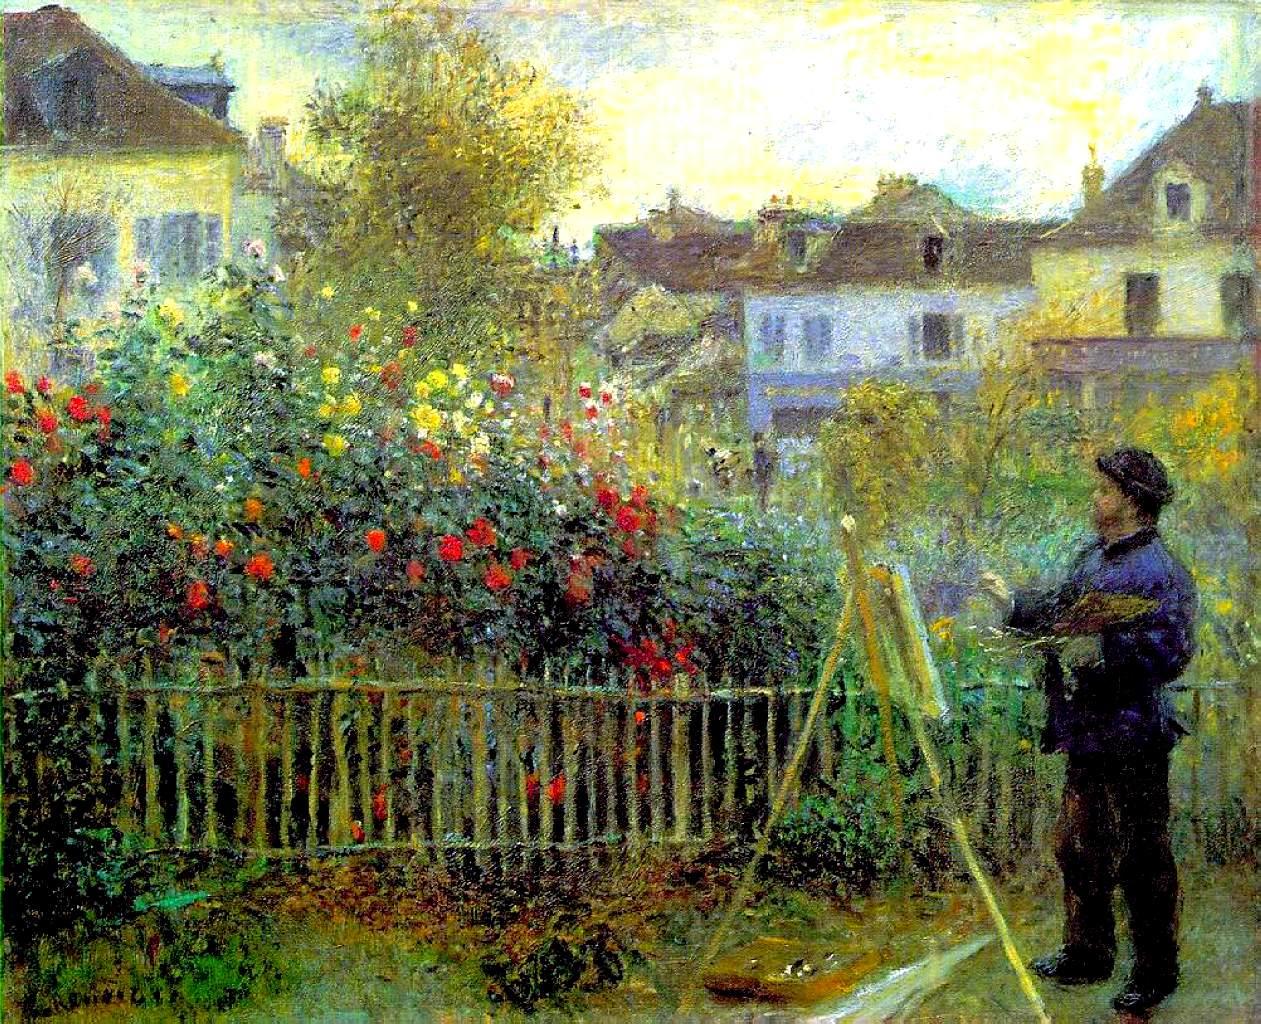 アルジャントゥイユの庭で制作中のモネ